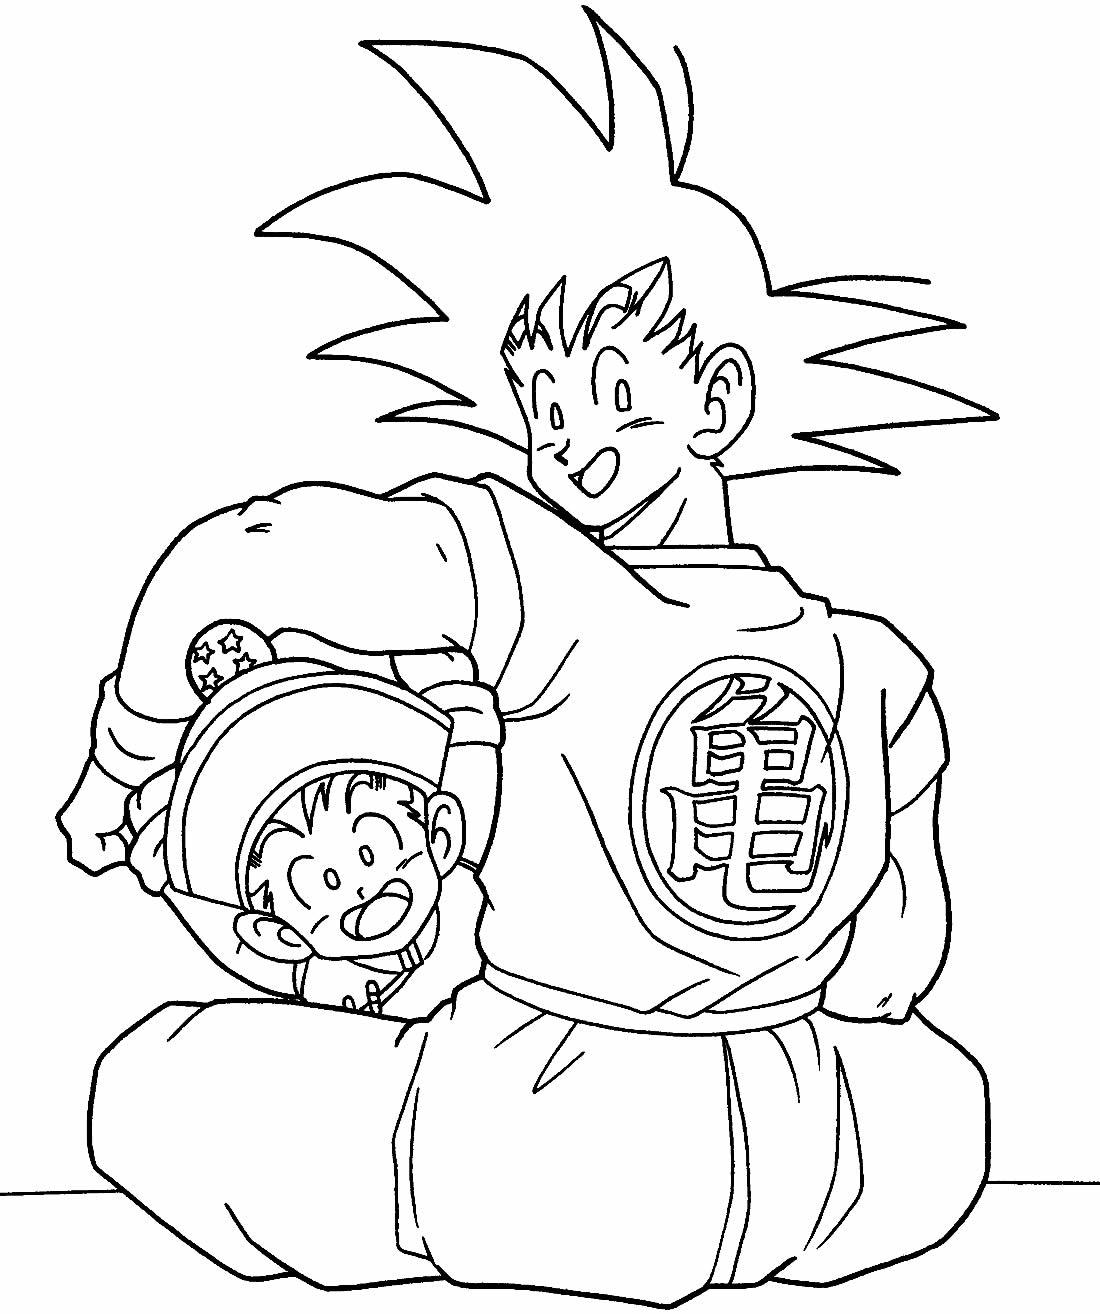 Desenho de Goku para imprimir e colorir